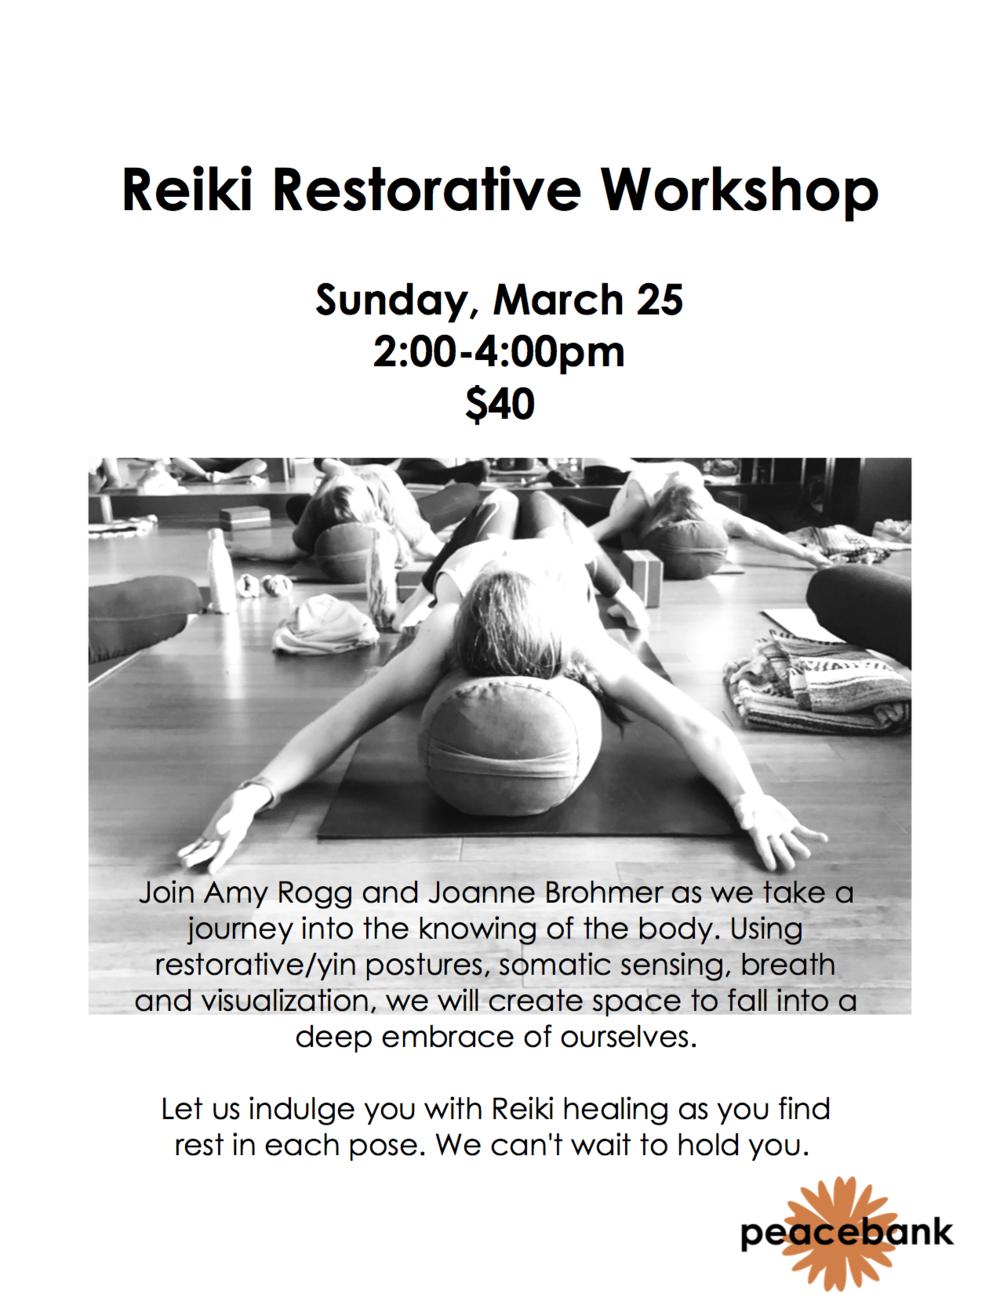 restorative_reiki_2018.png